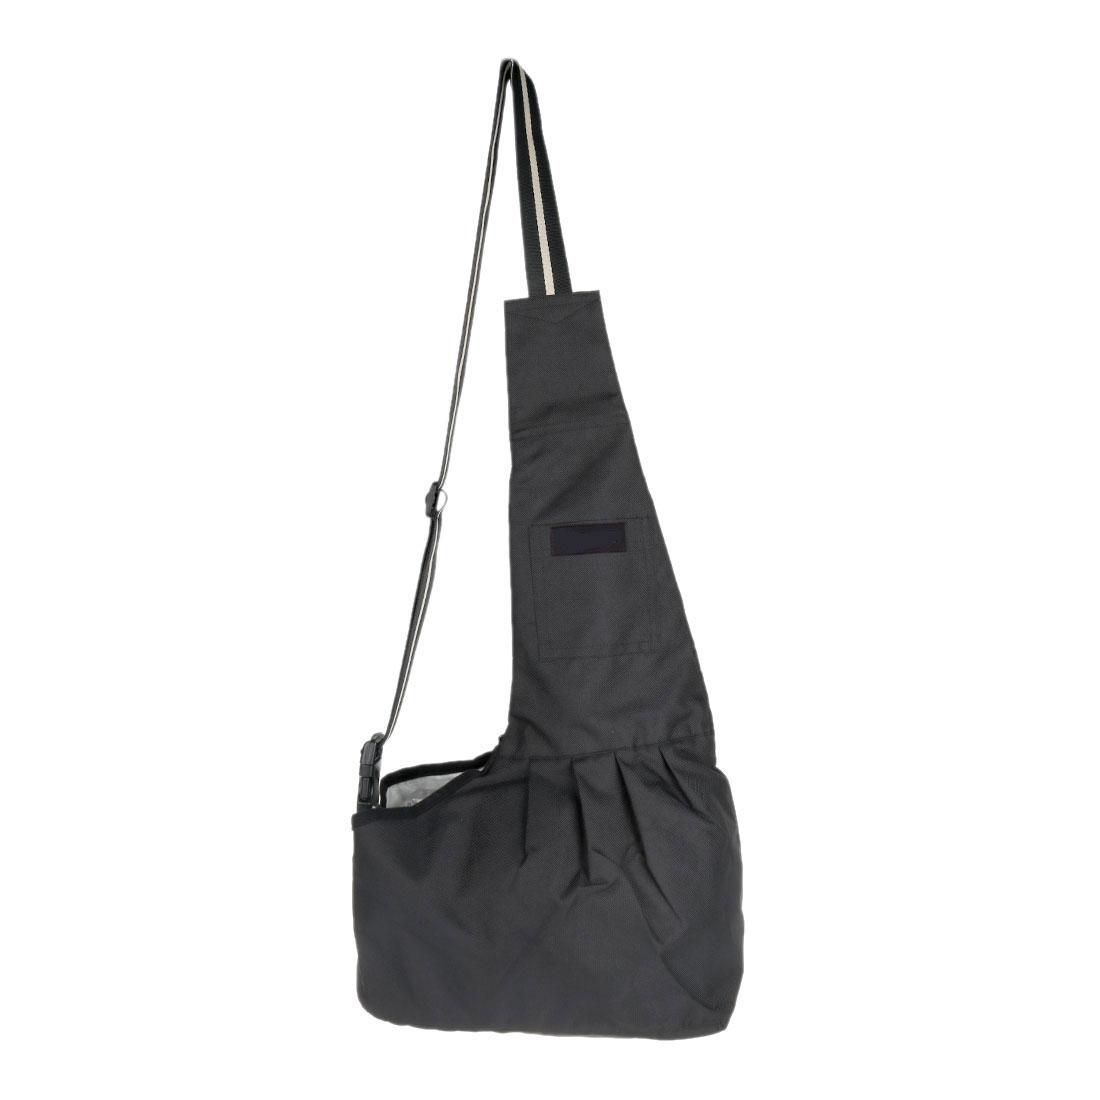 Small Dog Cat Carrier Bag Outdoor Tote Soft Shoulder Backpack Black L